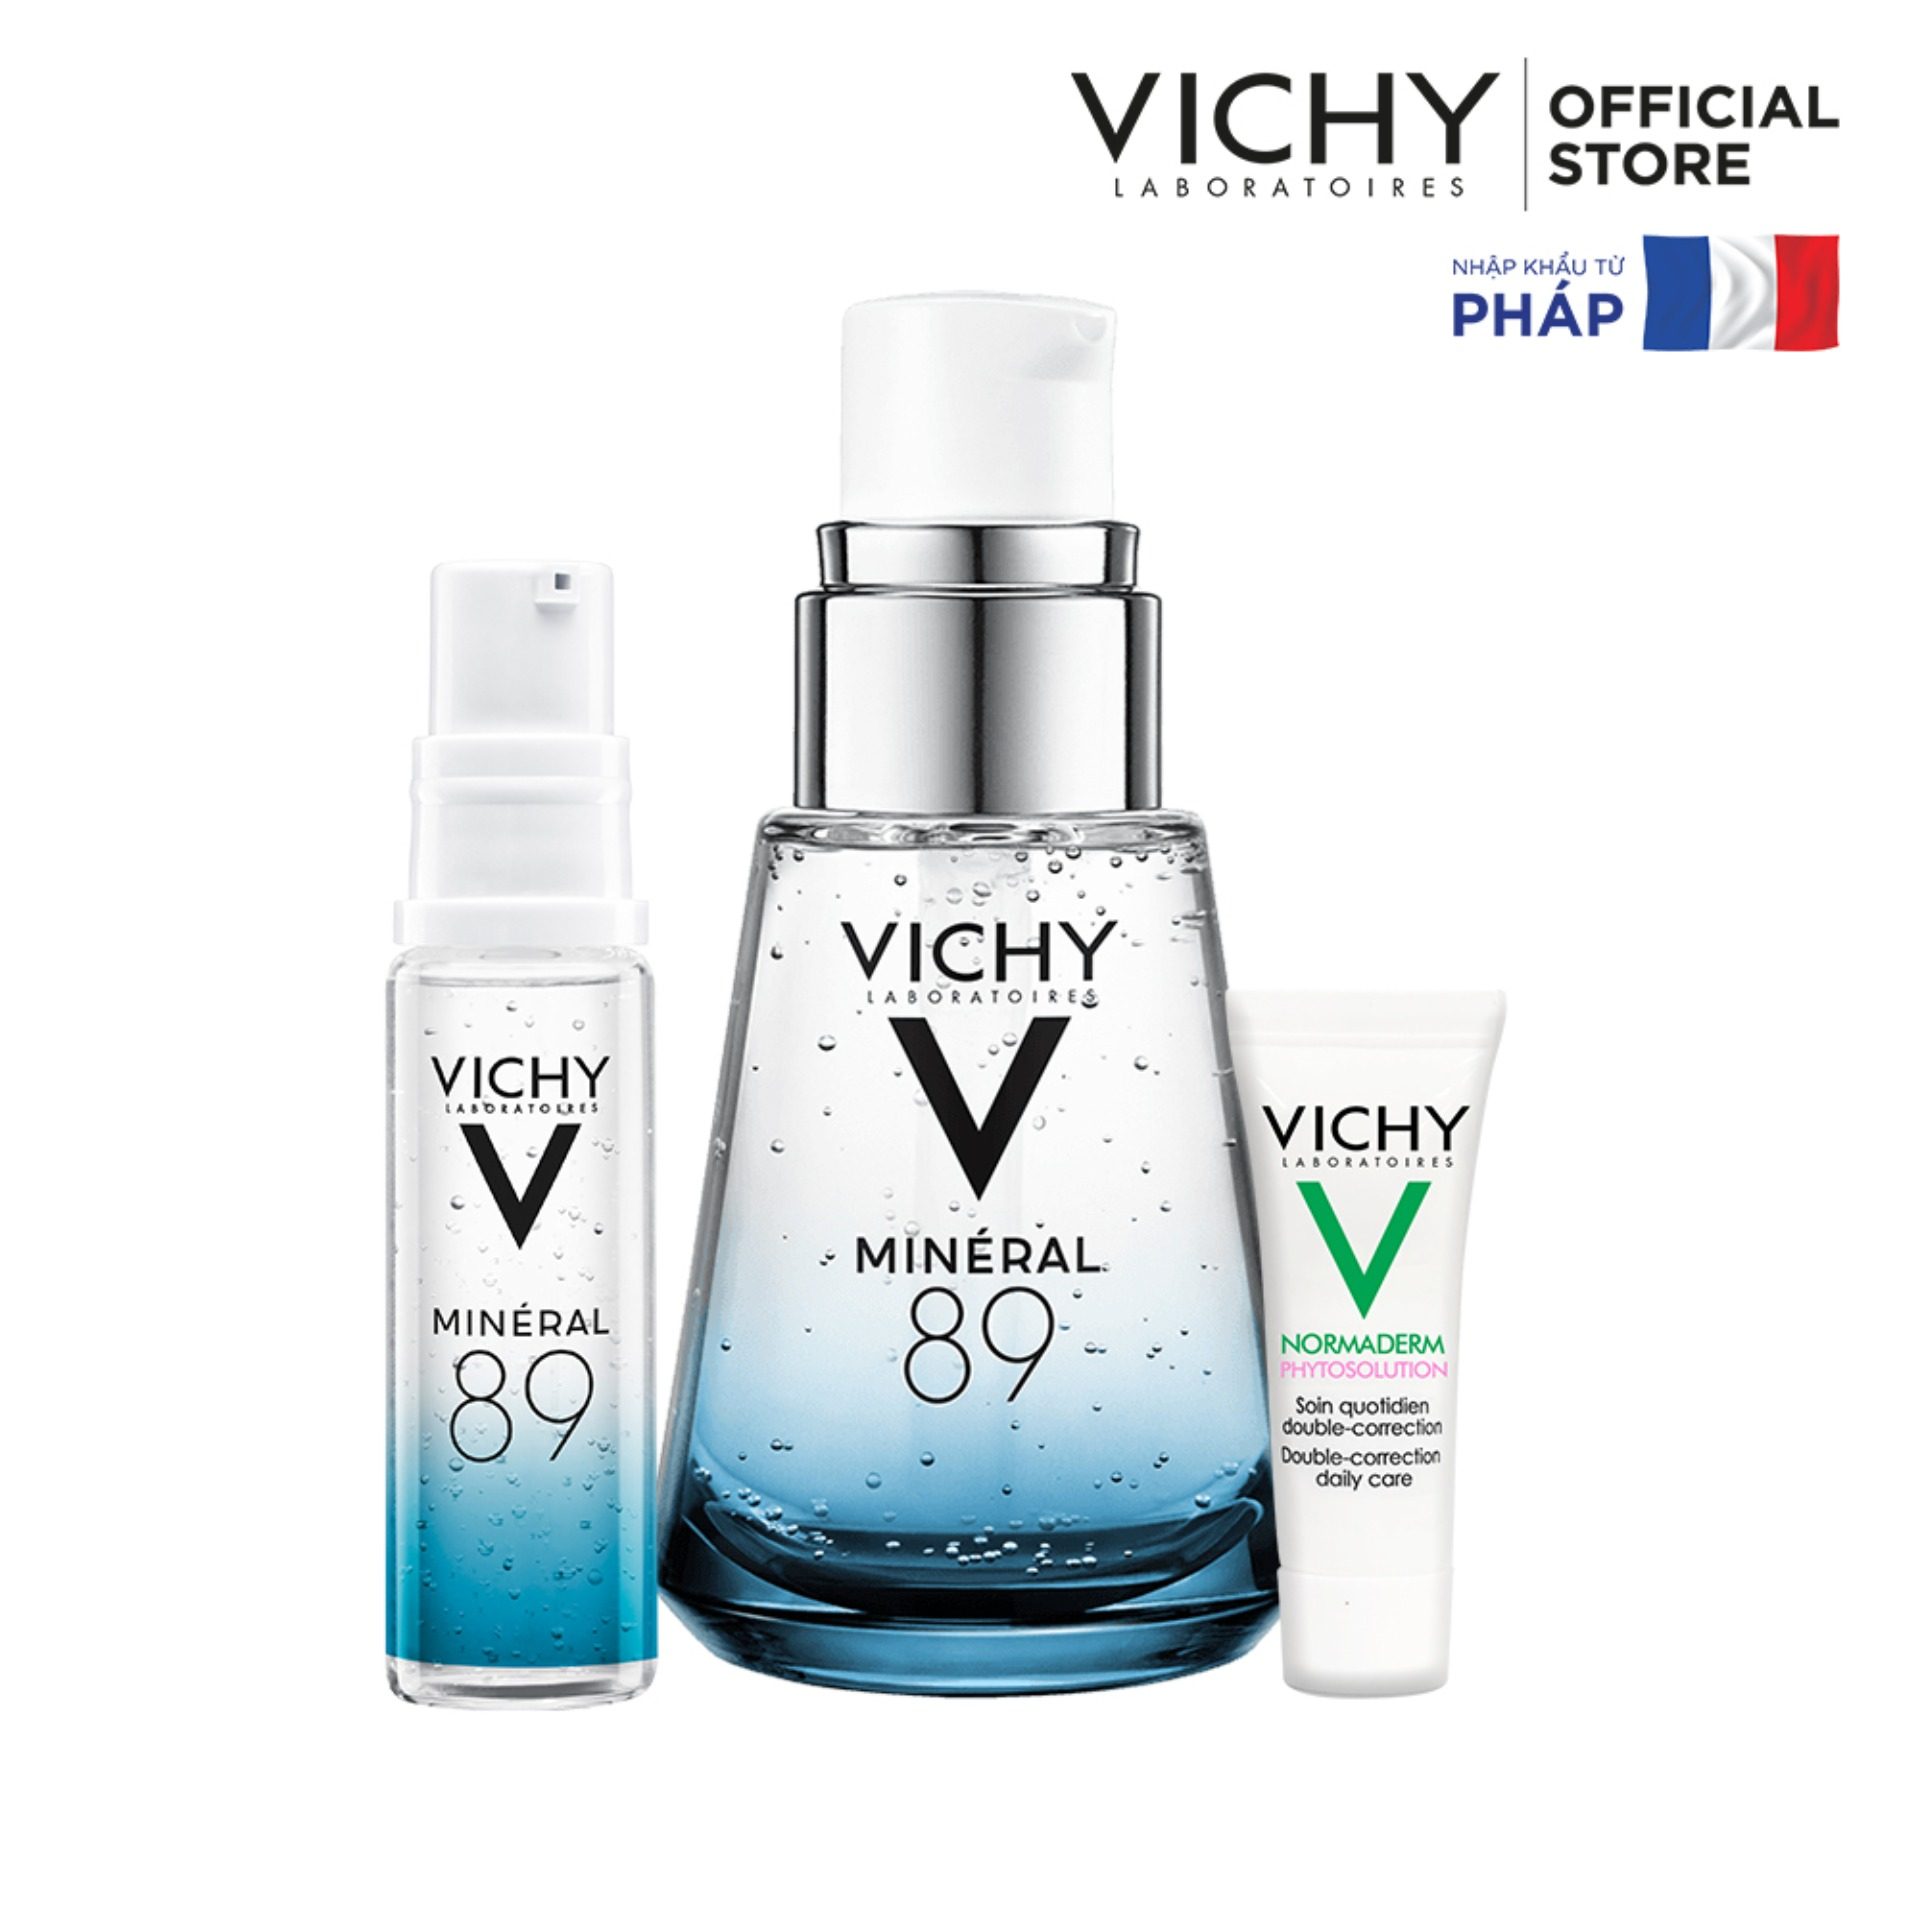 Lazada Ưu Đãi Khi Mua Bộ Dưỡng Chất (Serum) Khoáng Núi Lửa Cô đặc Vichy Mineral 89 Giúp Da Sáng Mịn Và Căng Mượt